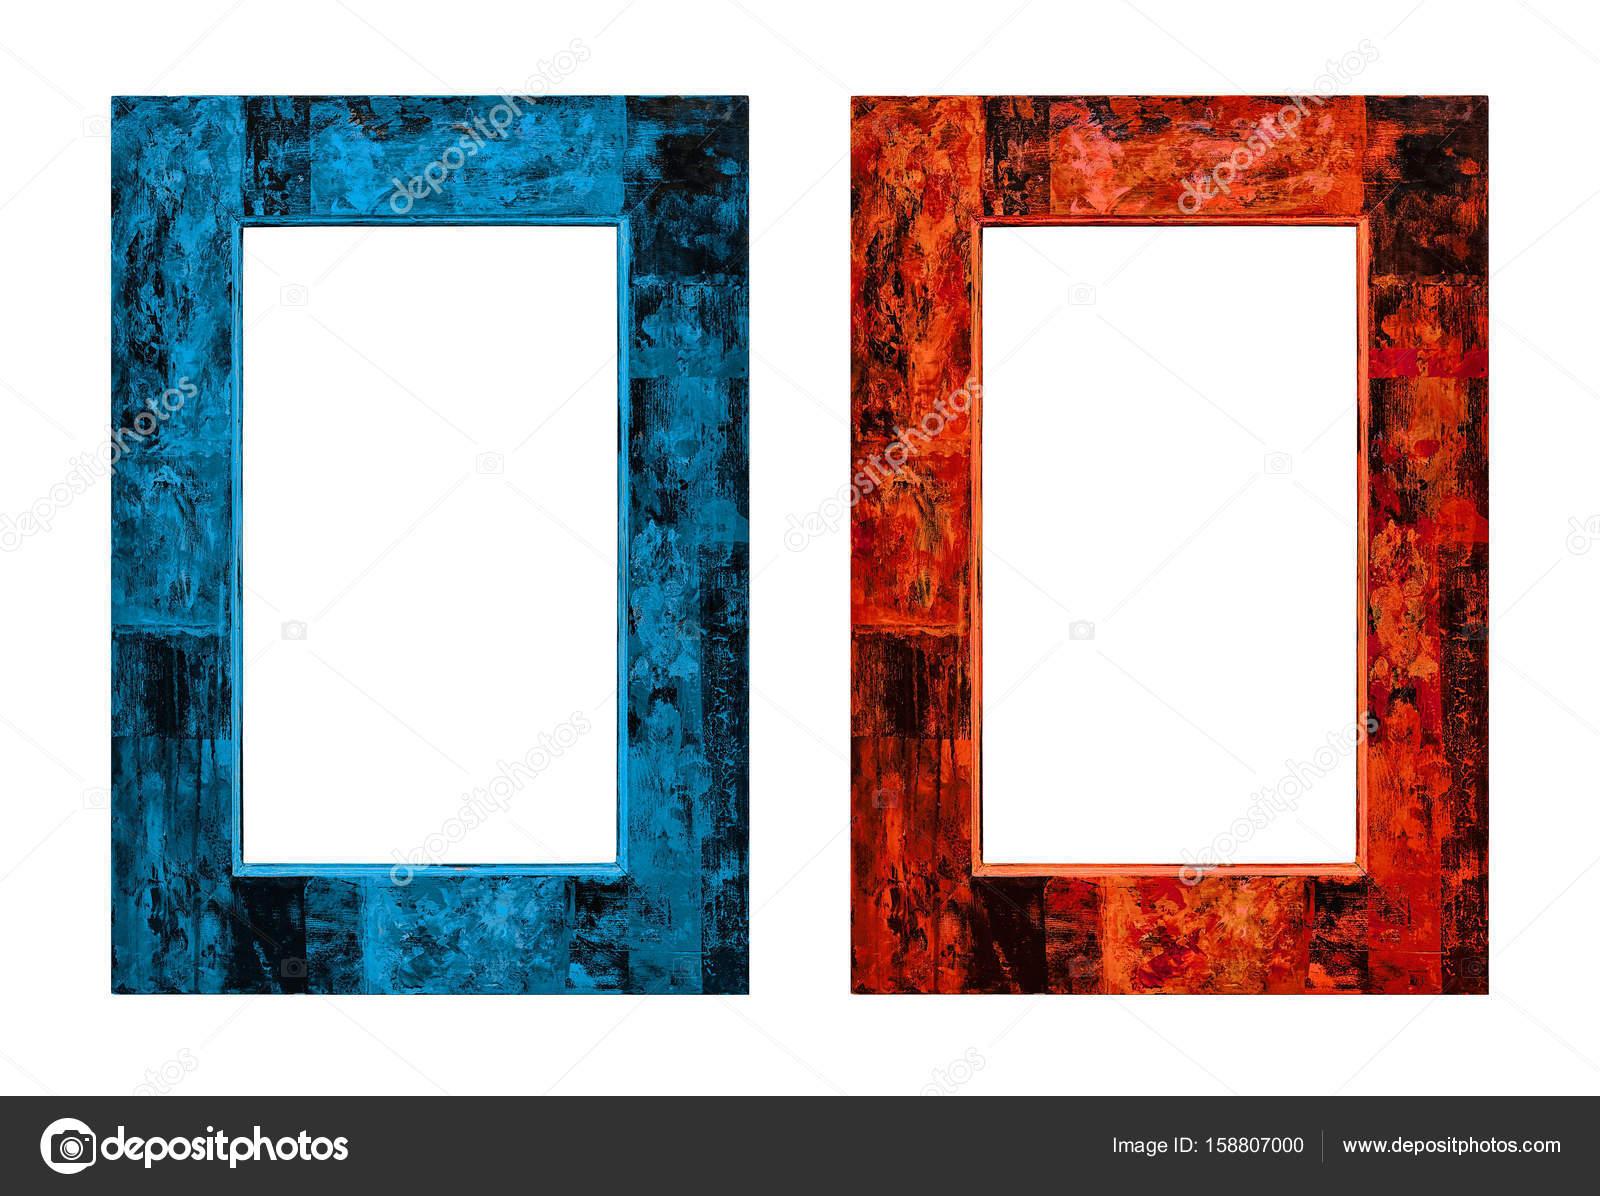 niedlich holzrahmen feuer bilder benutzerdefinierte bilderrahmen ideen. Black Bedroom Furniture Sets. Home Design Ideas